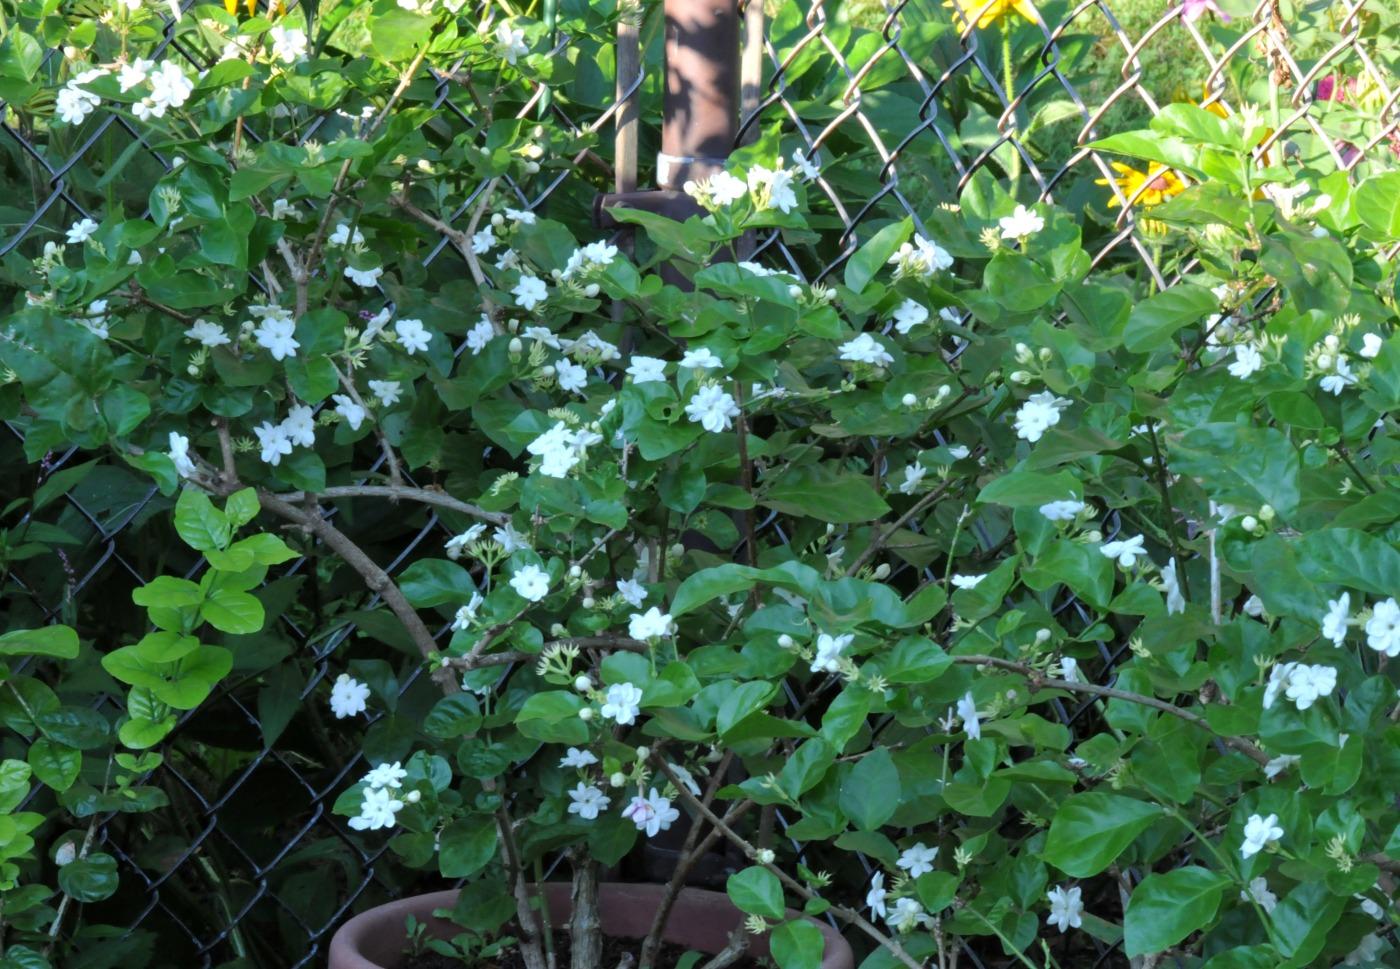 Maid of orleans jasmine petals and wings maid of orleans jasmine izmirmasajfo